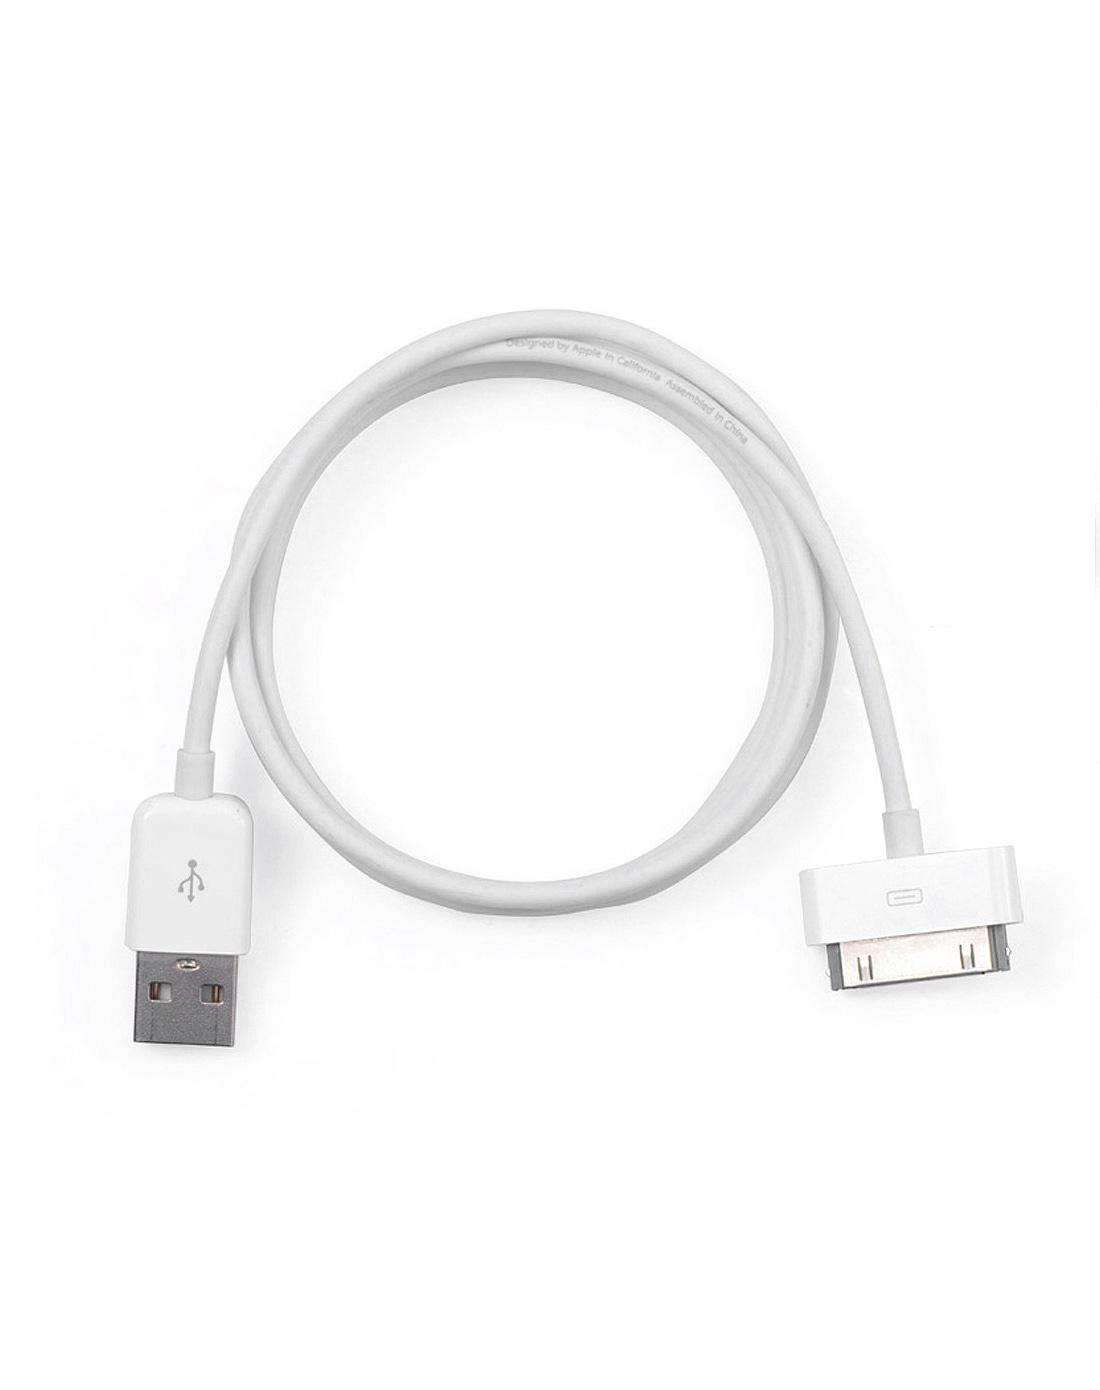 苹果apple数码专场苹果iphone4数据线苹果ma591feb/a